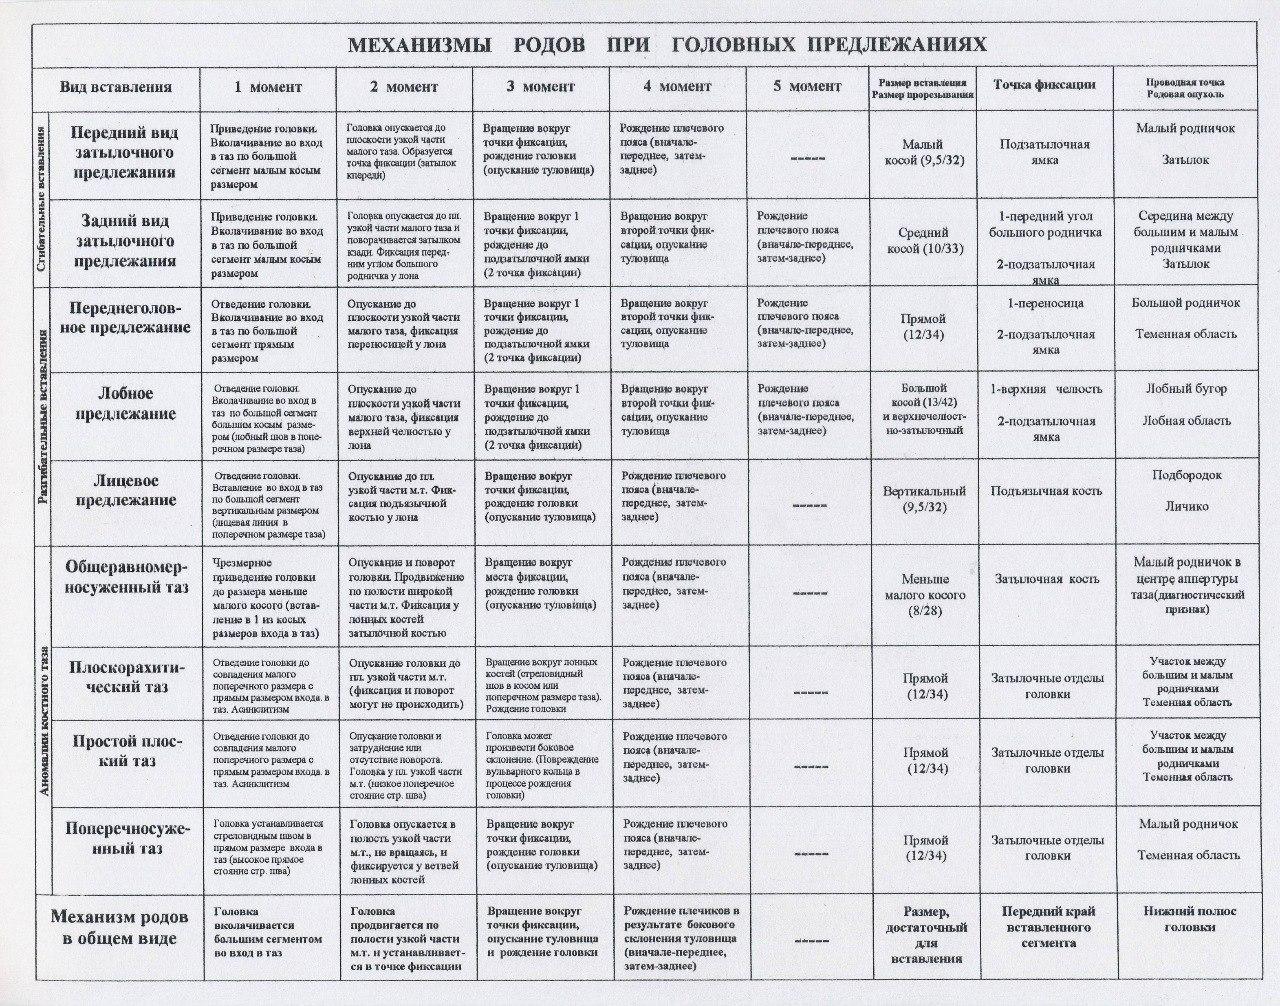 Акушерство и гинекология: Механизм родов при головных предлежаниях